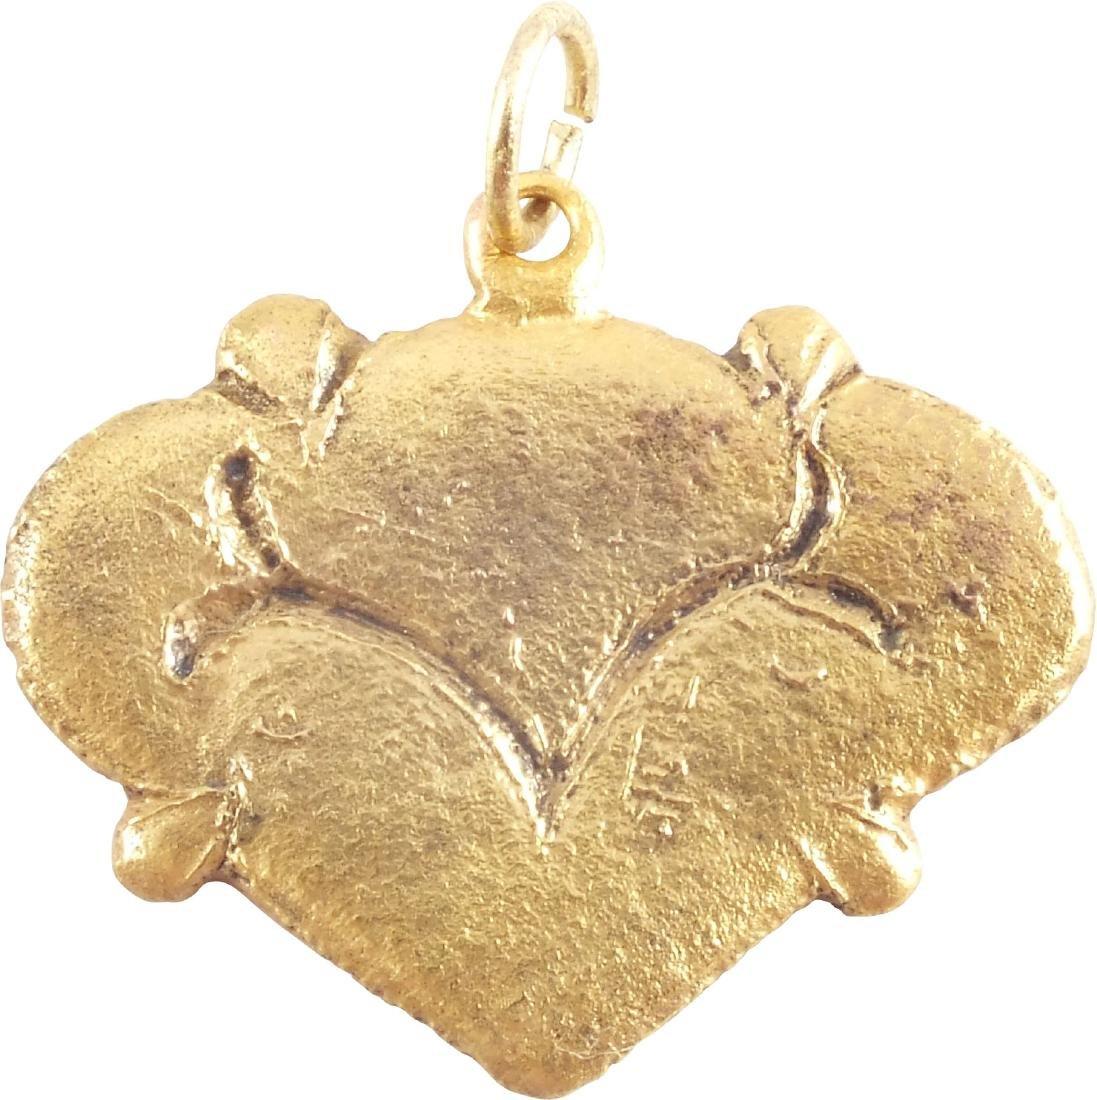 VIKING HEART PENDANT 850-1050 AD